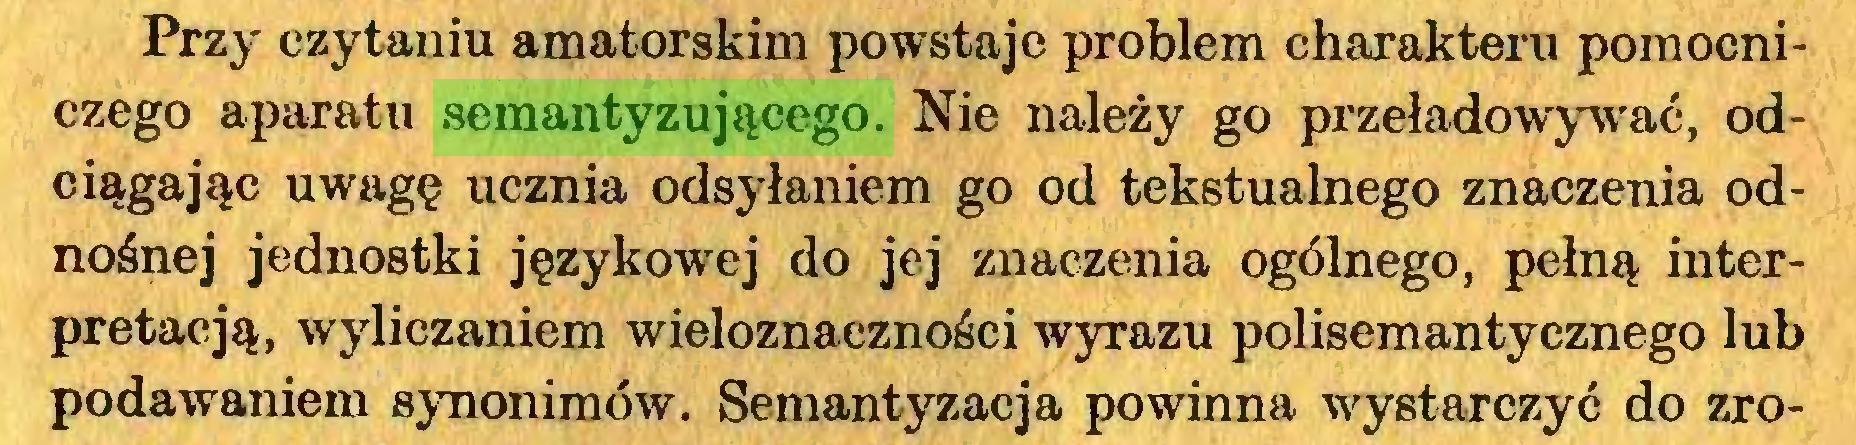 (...) Przy czytaniu amatorskim powstaje problem charakteru pomocniczego aparatu semantyzującego. Nie należy go przeładowywać, odciągając uwagę ucznia odsyłaniem go od tekstualnego znaczenia odnośnej jednostki językowej do jej znaczenia ogólnego, pełną interpretacją, wyliczaniem wieloznaczności wyrazu polisemantycznego lub podawaniem synonimów. Semantyzacja powinna wystarczyć do zro...